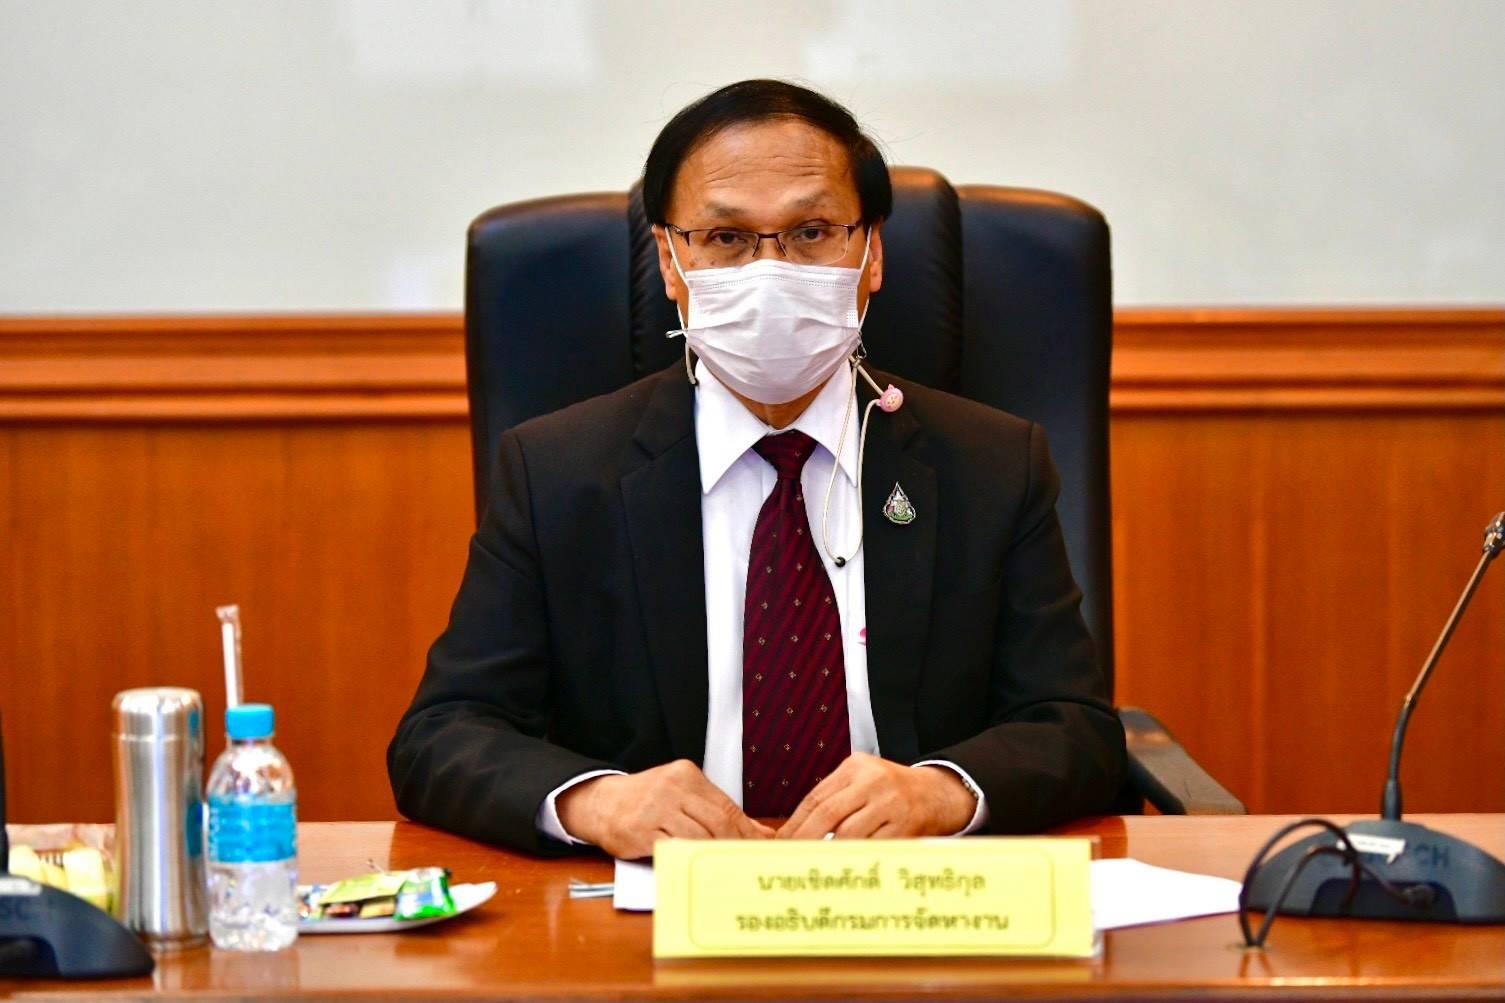 รองอธิบดีกรมการจัดหางาน ประชุมพิจารณาแนวทางการแก้ไขข้อขัดข้องการดำเนินการ ตามมติคณะรัฐมนตรีฯ